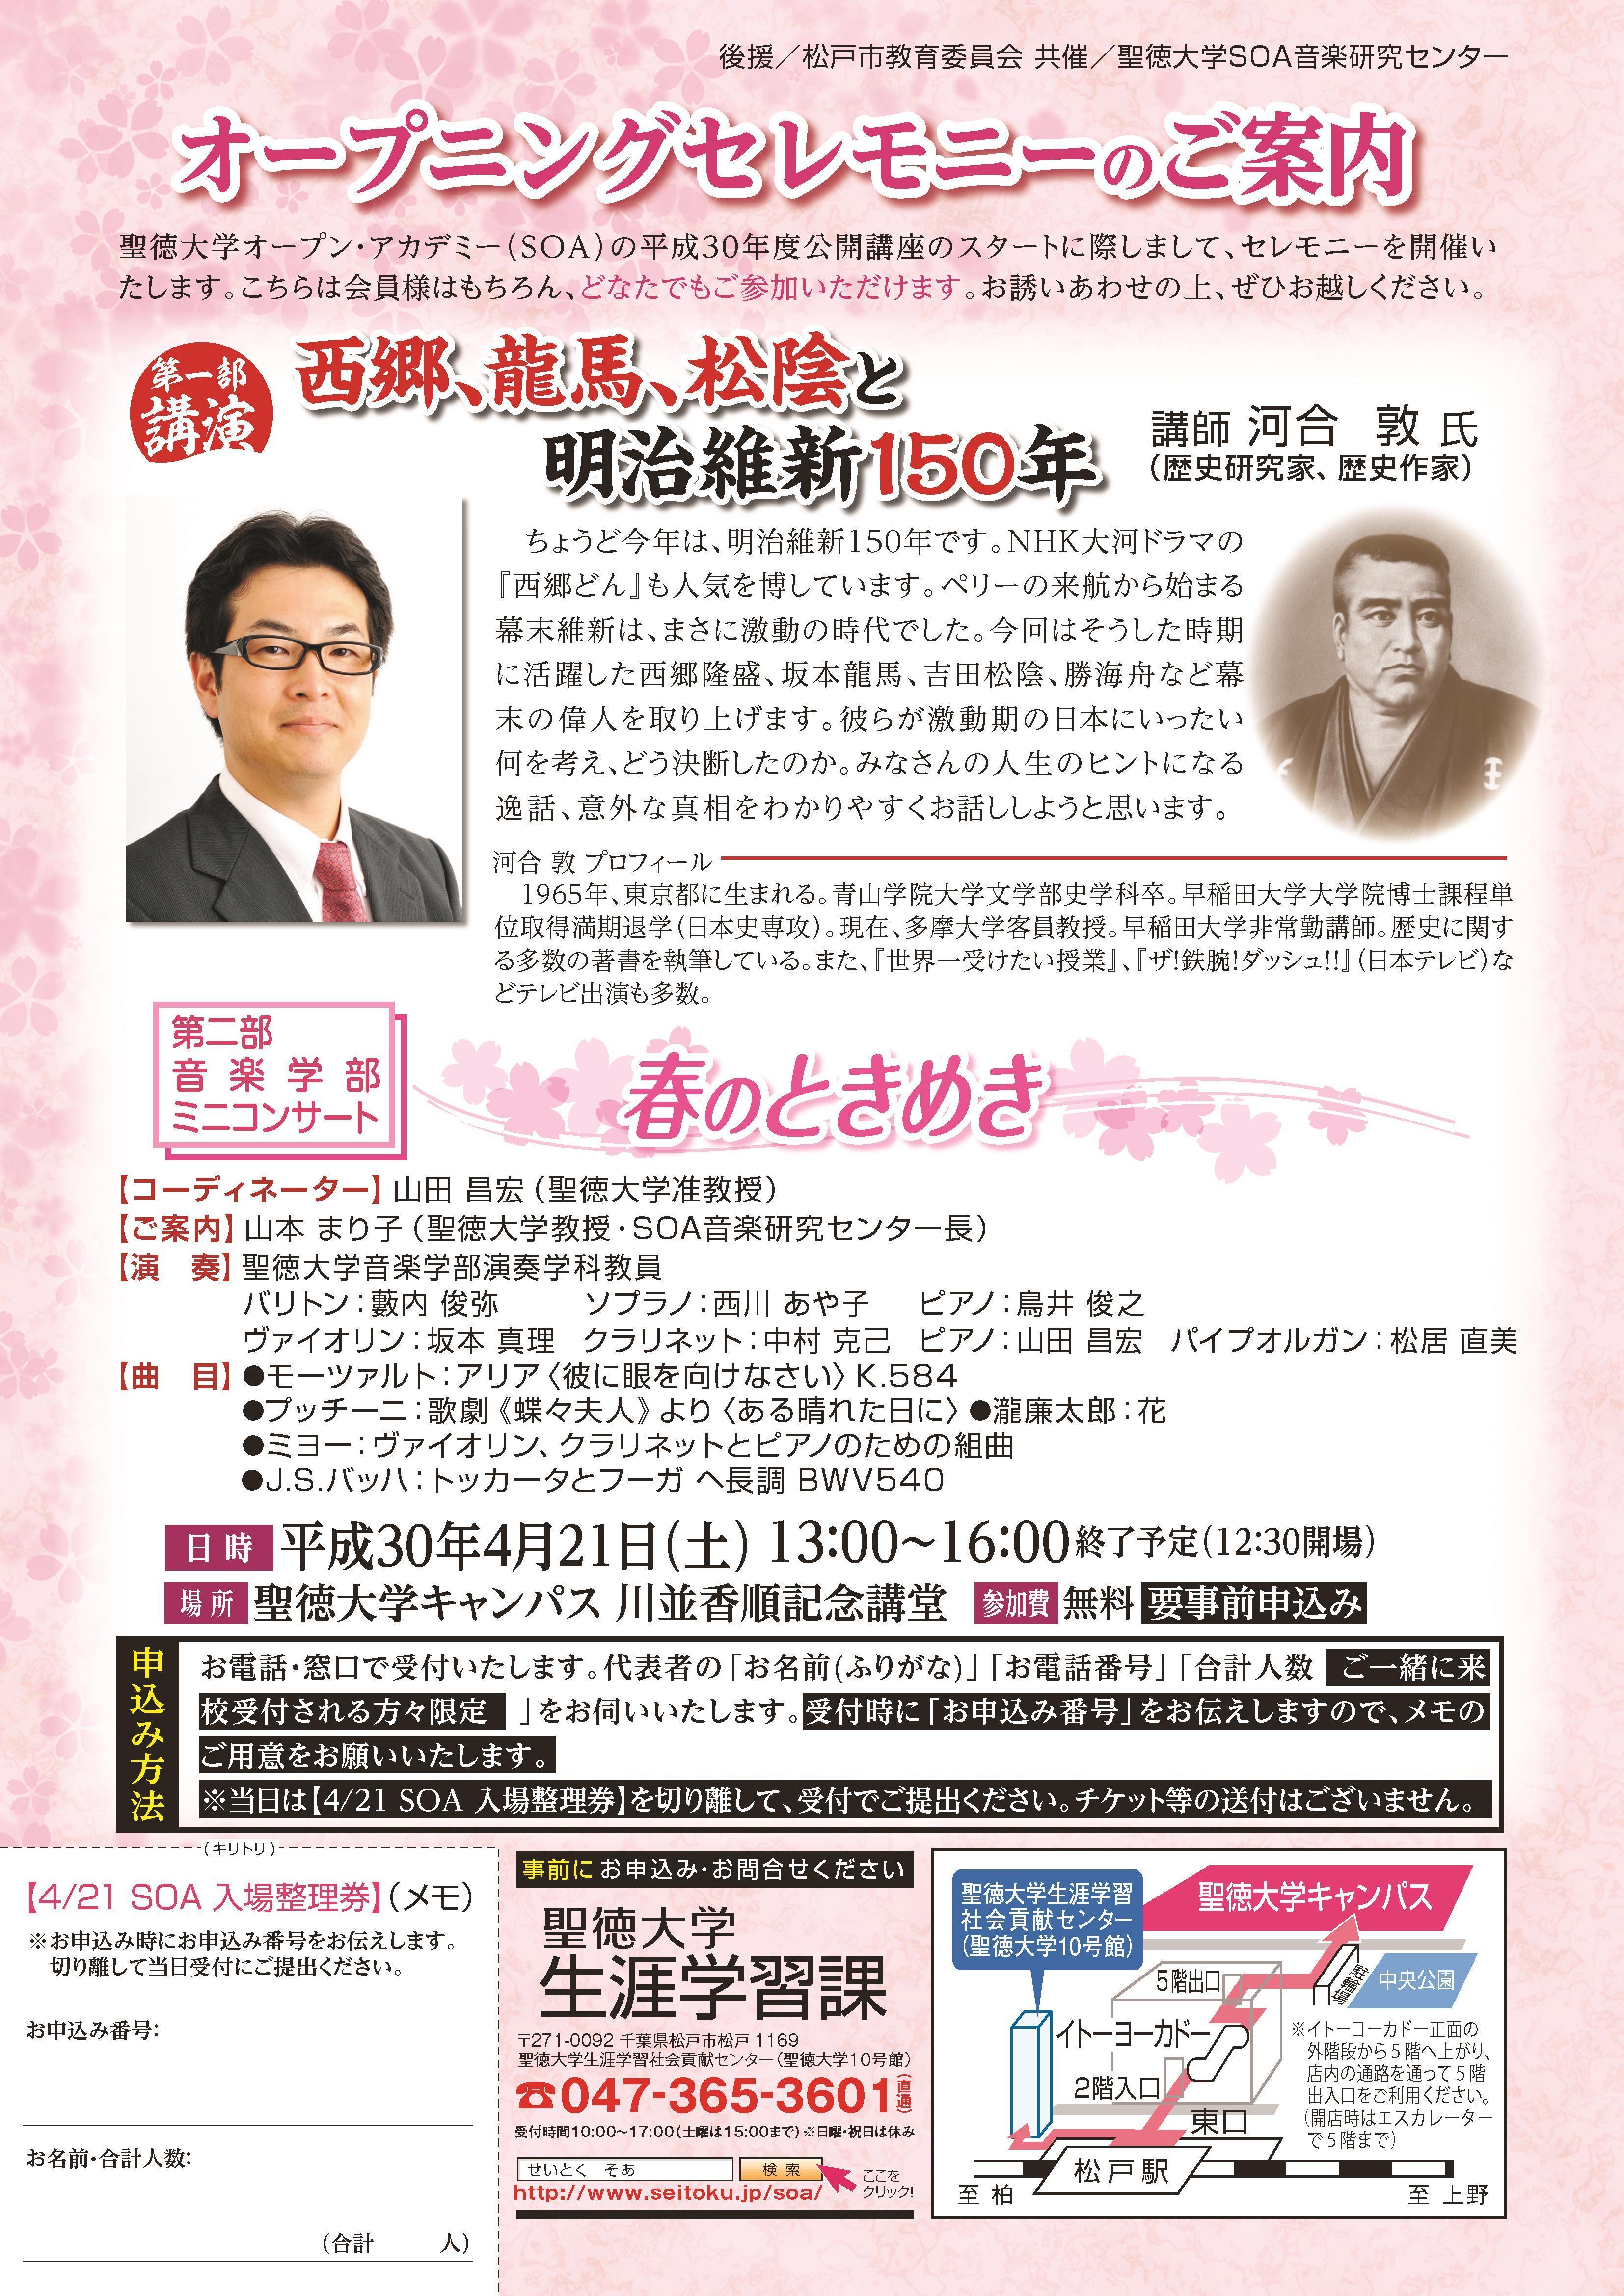 聖徳大学オープン・アカデミー(SOA)が4月21日に平成30年度オープニングセレモニーを開催 -- 歴史研究家の河合敦氏による公開講演も